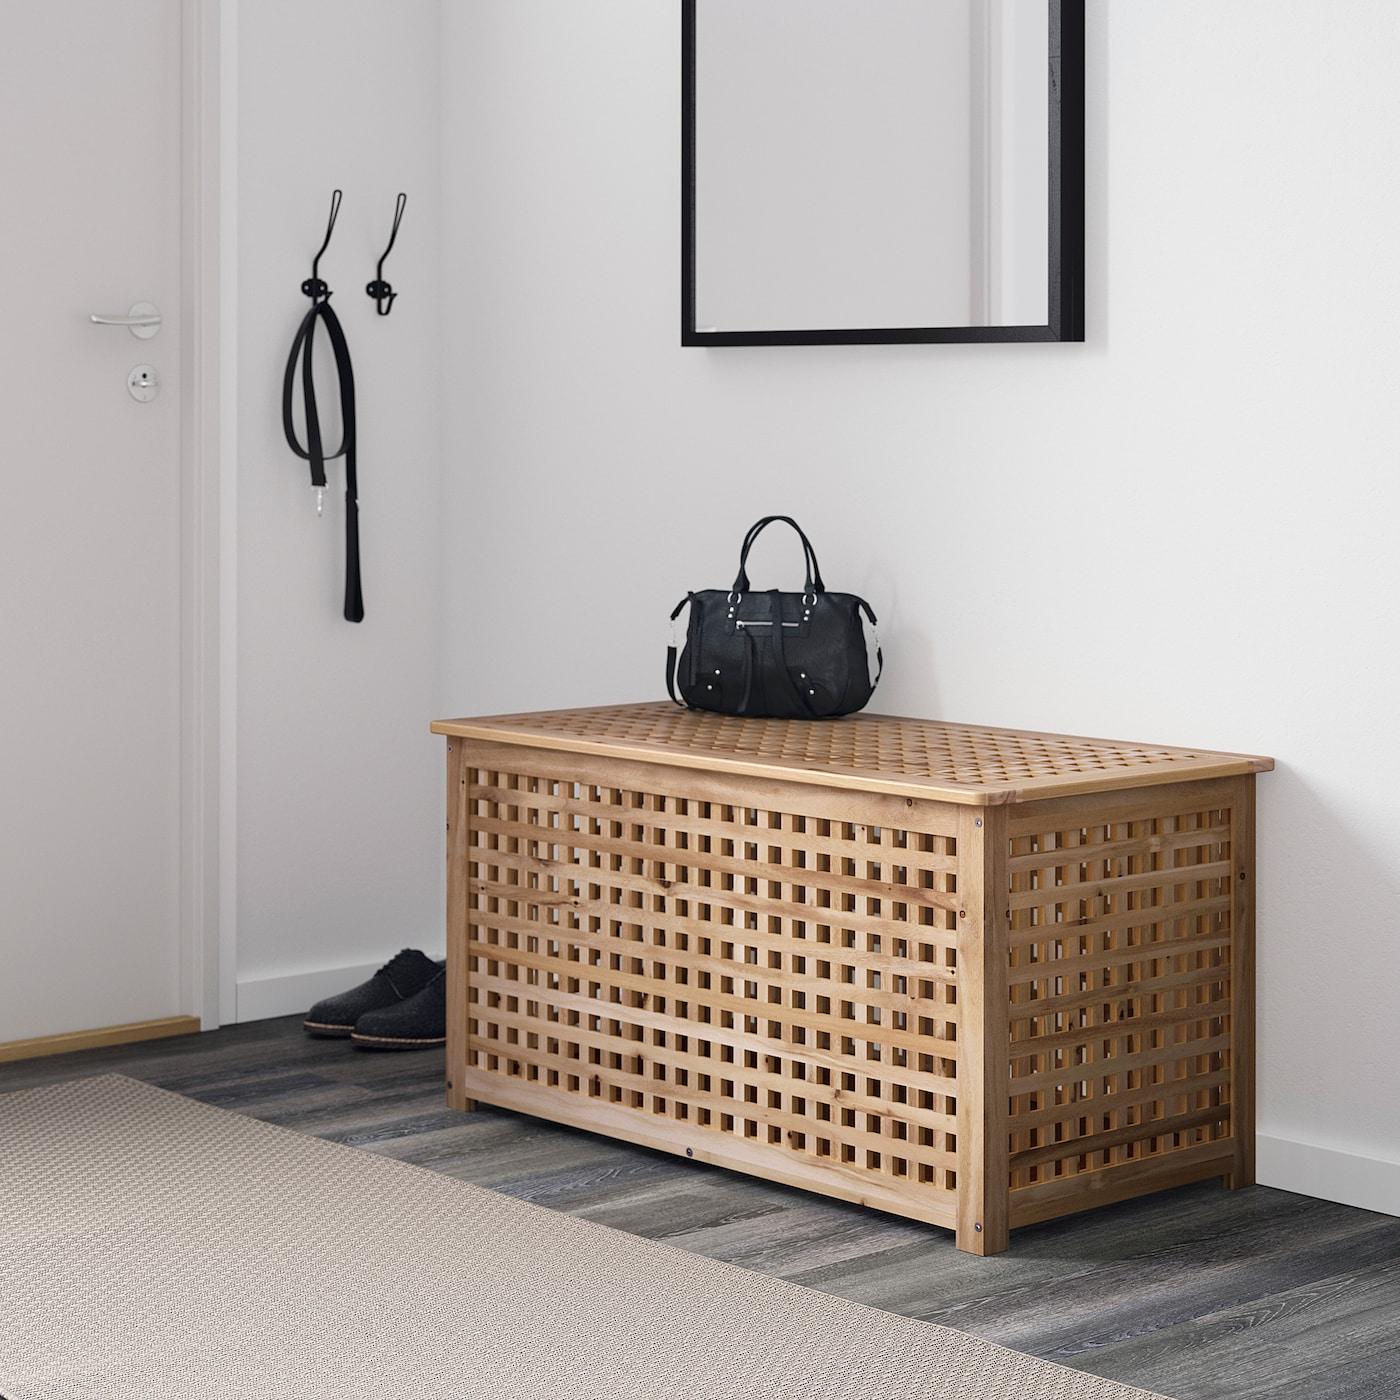 Hol Table De Rangement - Acacia 98X50 Cm intérieur Table Basse De Jardin Ikea